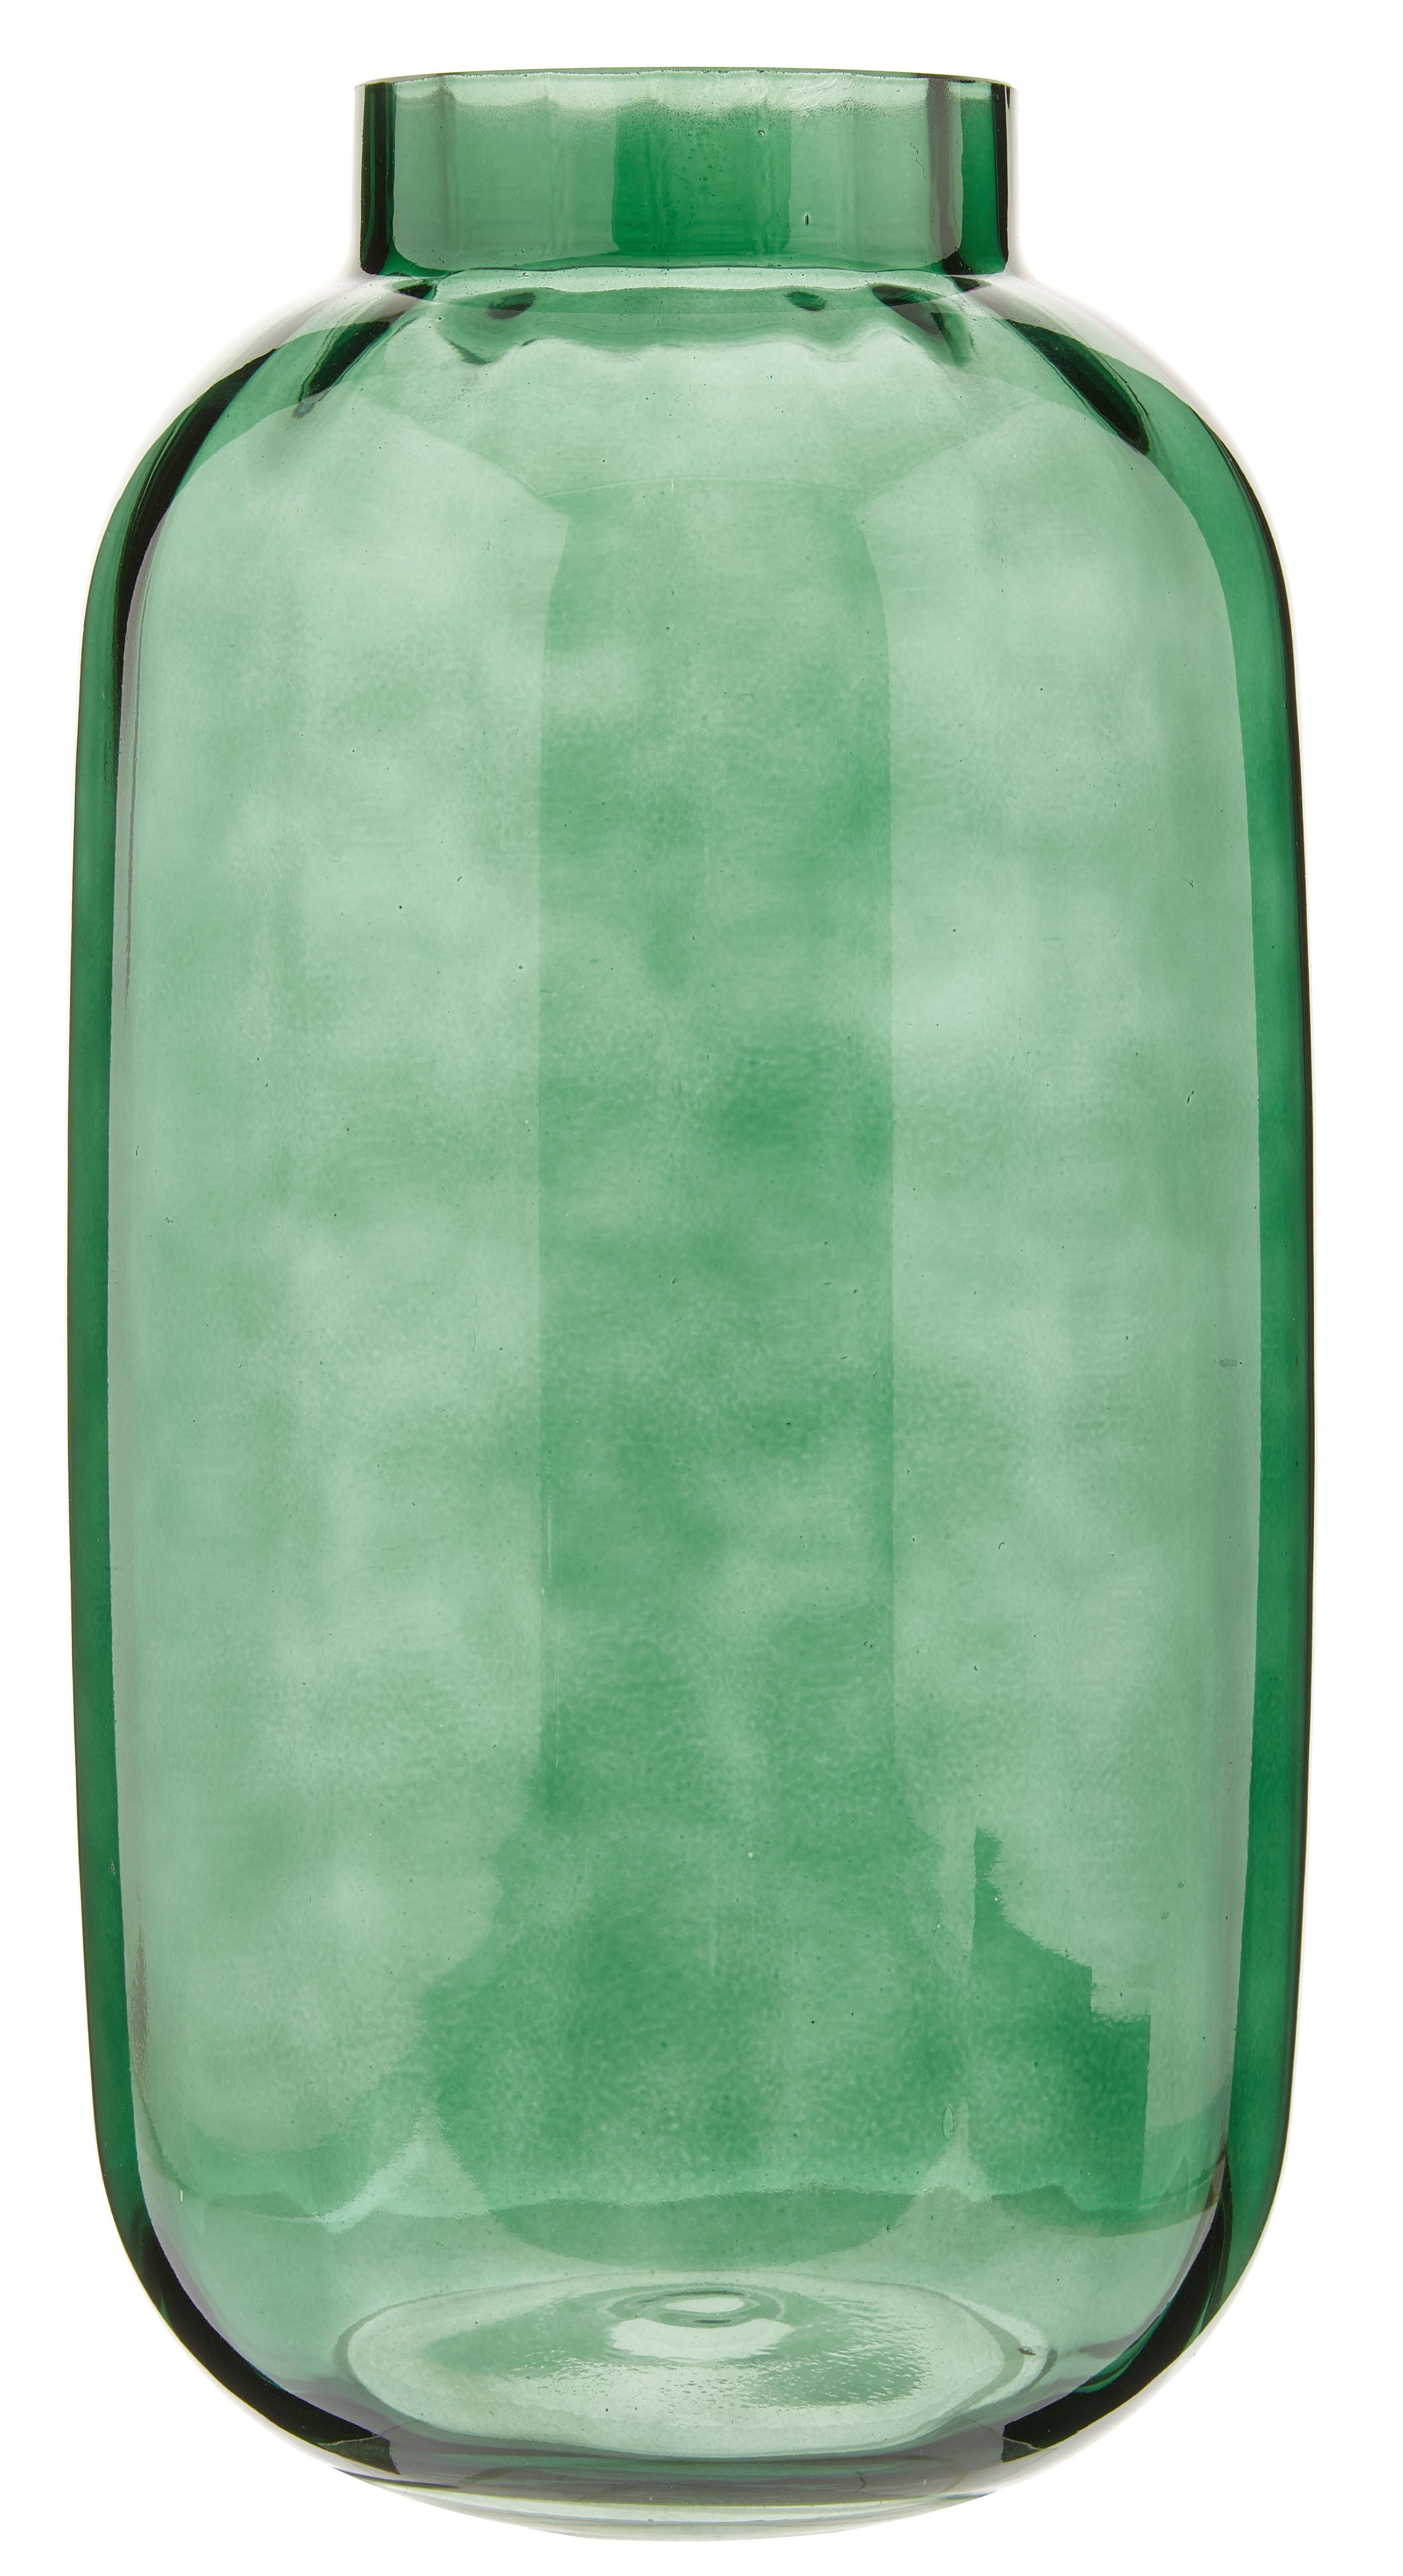 Große mundgeblasene Glas-Vase Stina, Glas, Hellgrün, leicht transparent, Ø 16 x H 32 cm